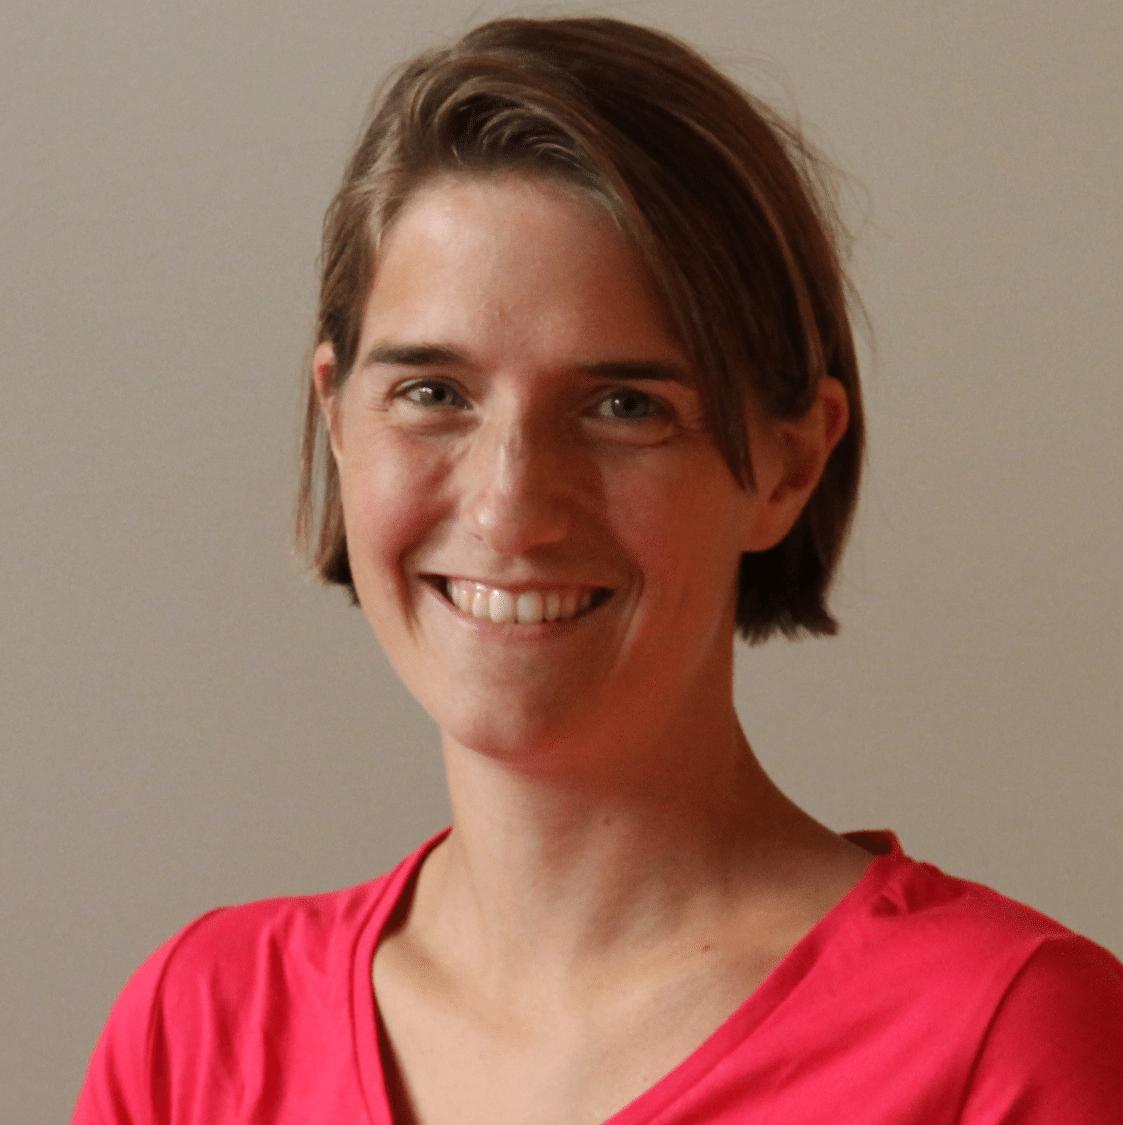 Angela Caren van Vlijmen